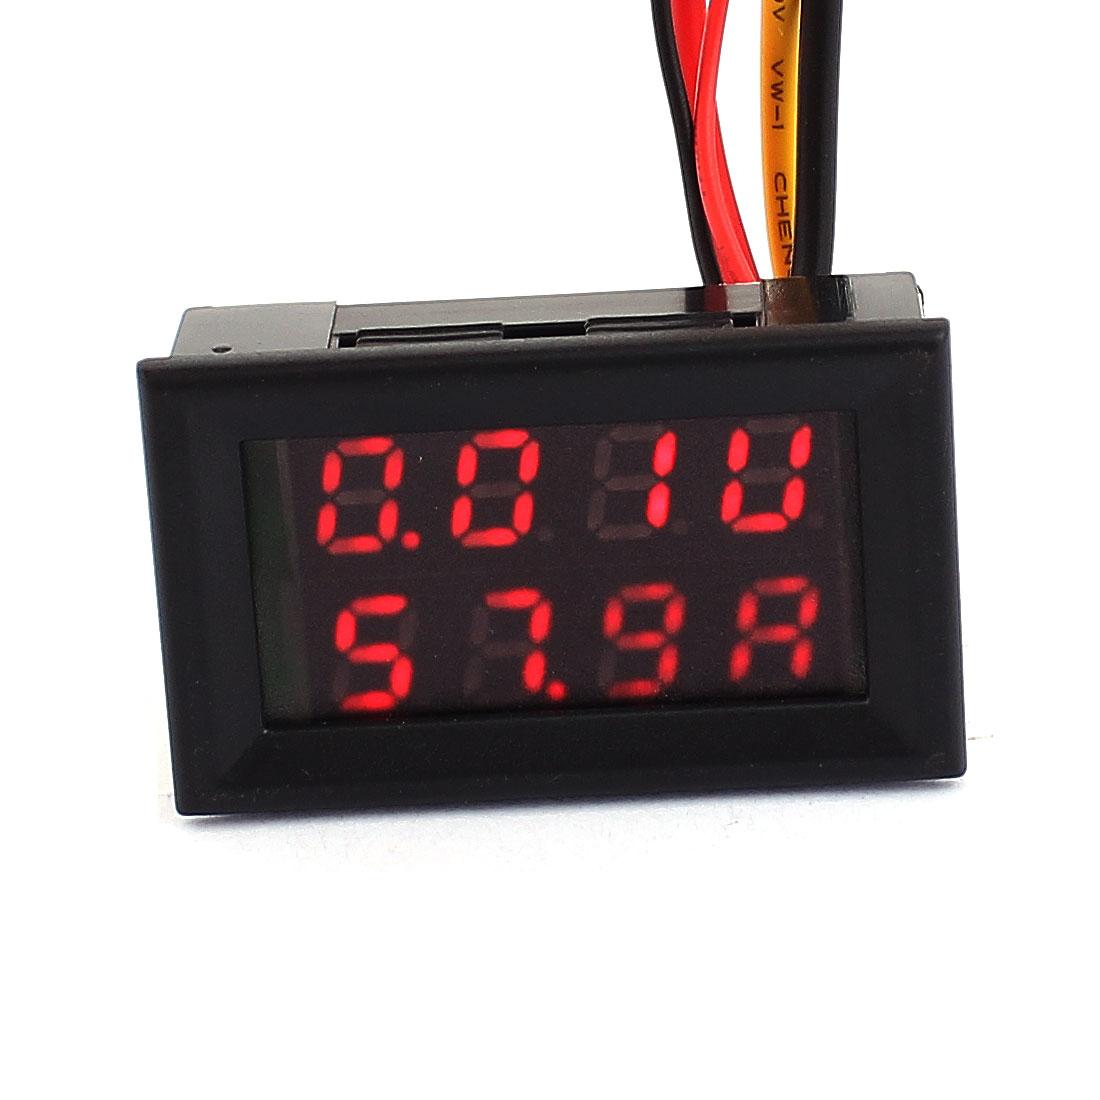 DC 0-100V 0-100A Red Red LED Dual Digital Display Panel Voltmeter Ammeter Meter